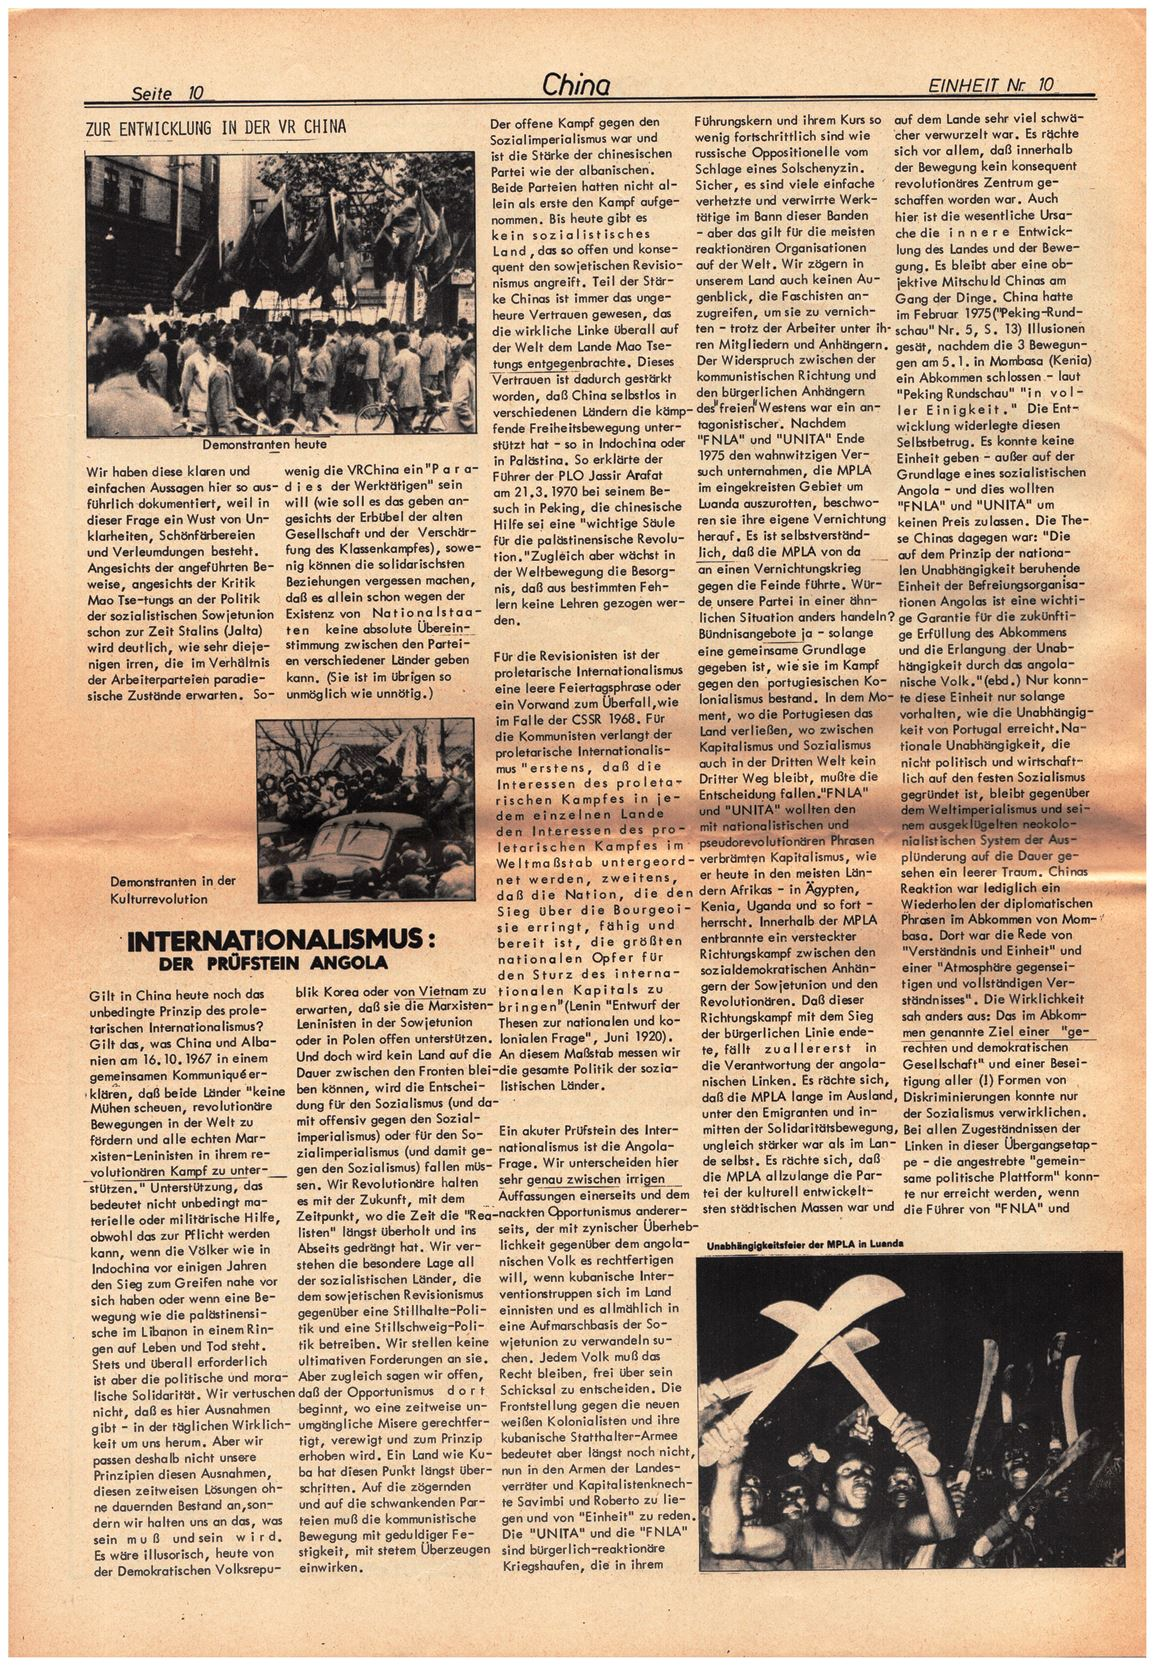 Koeln_IPdA_Einheit_1976_010_010